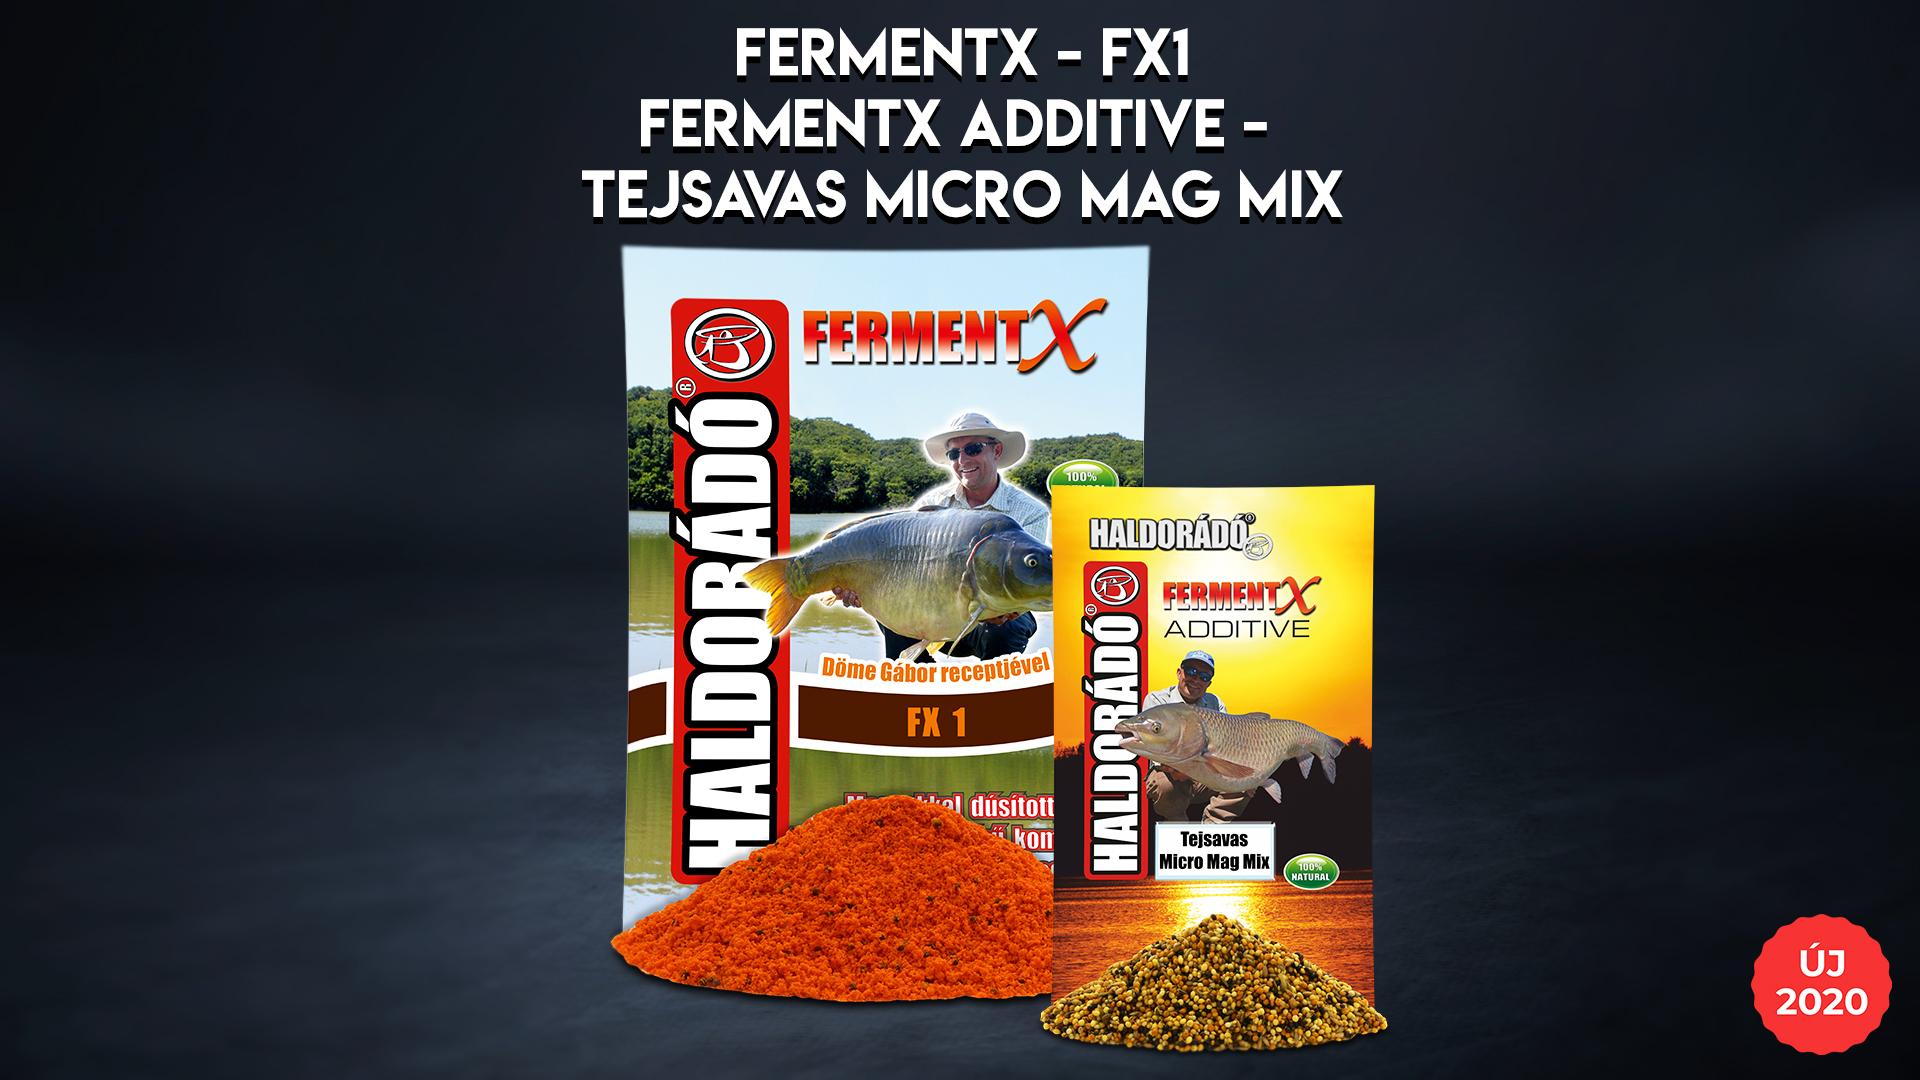 Két szuper újdonságot hoztunk forgalomba már a tavalyi év nyarán, melyek a FermentX FX 1 etetőanyag, illetve a FermentX Additive Tejsavas Micro Mag Mix!